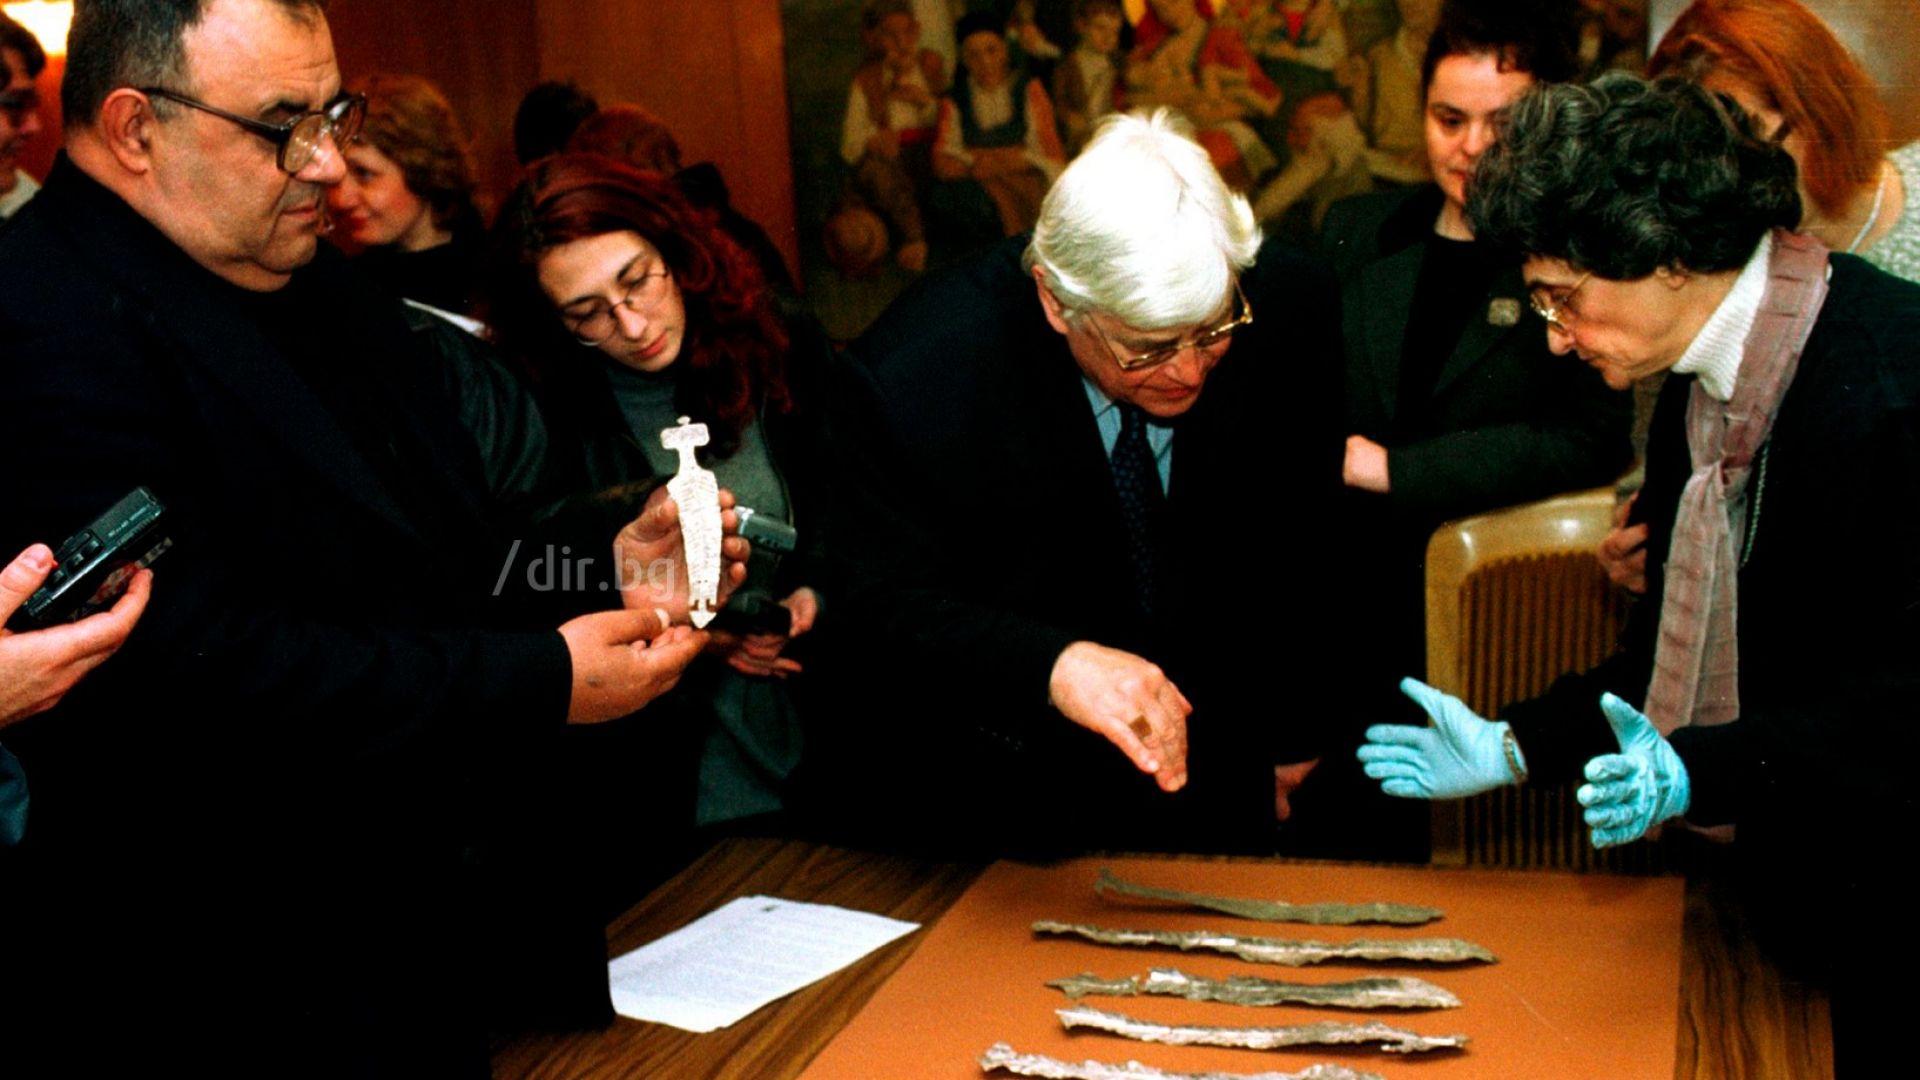 Божидар Димитров и бившия министър на културата Димитър Абрашев разглеждат дарение